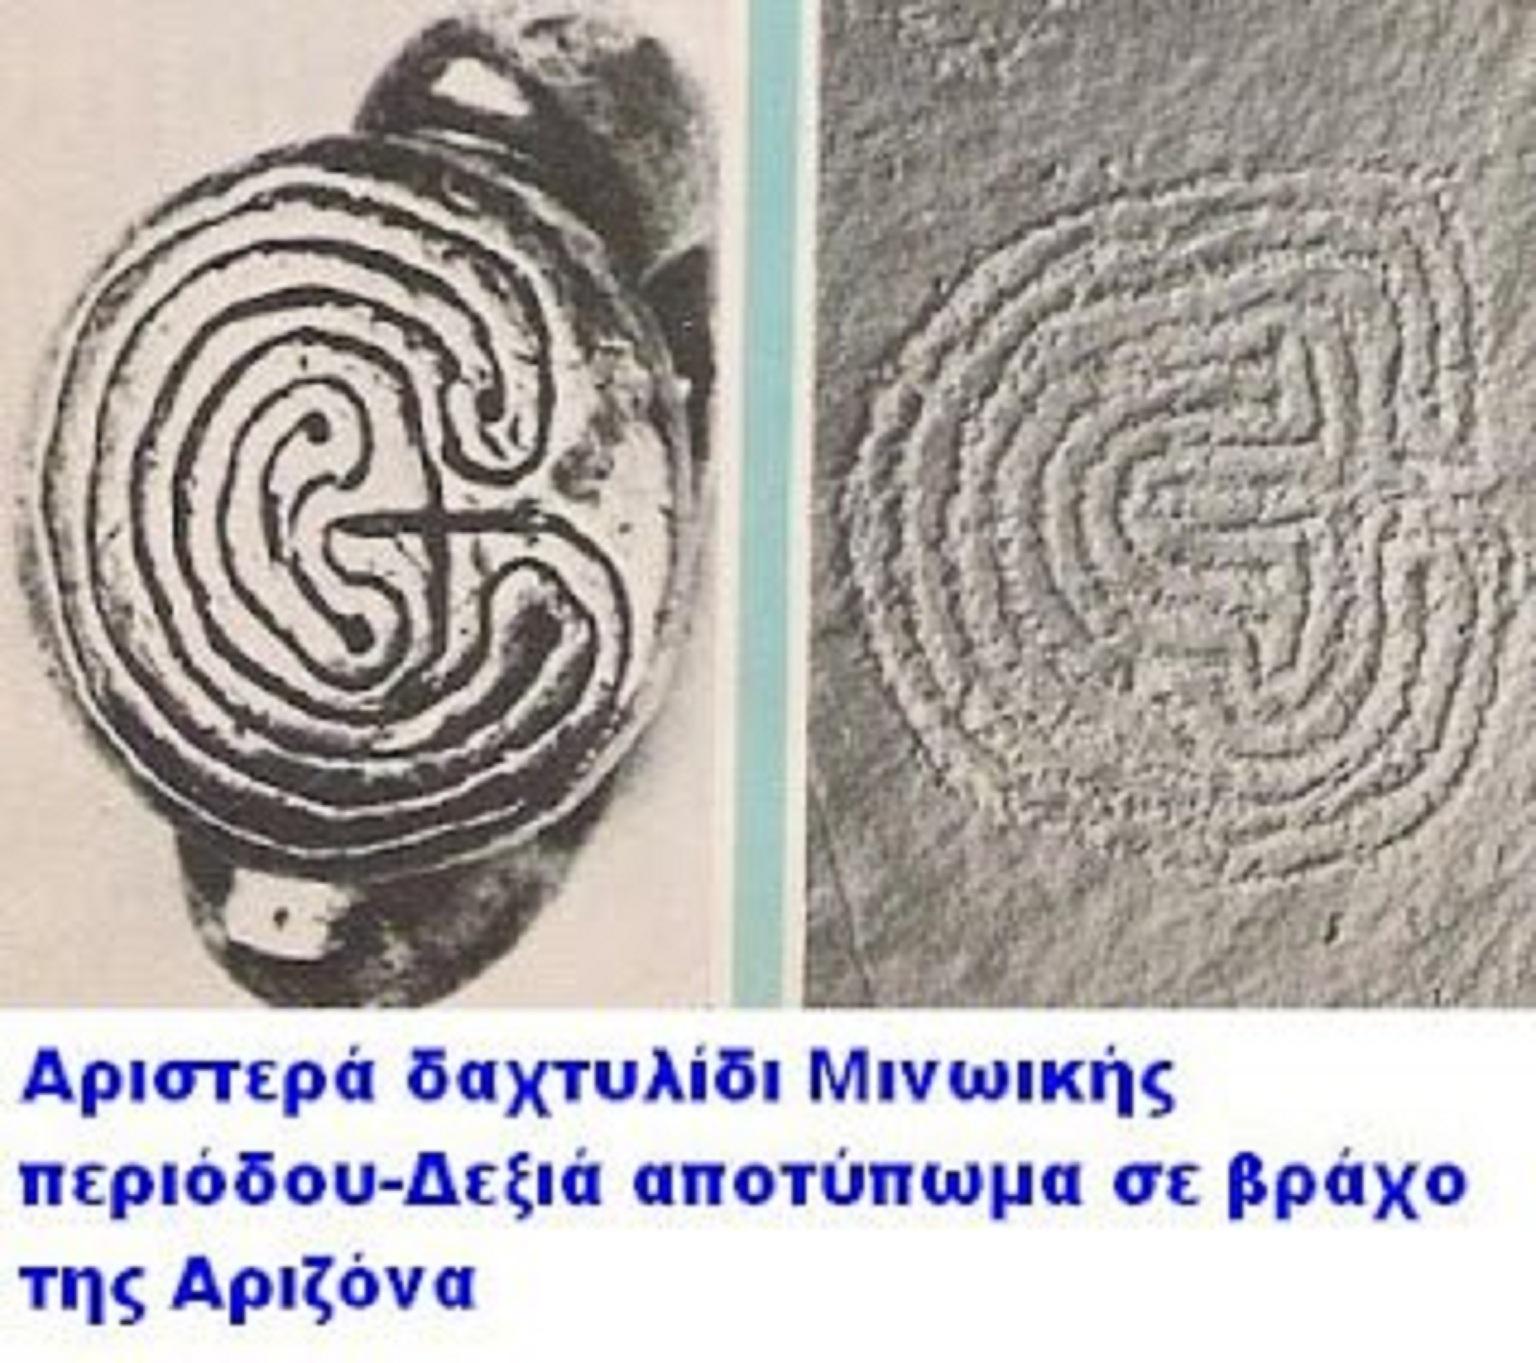 Πότε πρωτοπάτησαν οἱ Ἕλληνες τήν Ἀμερική εἴπαμε; (α)8